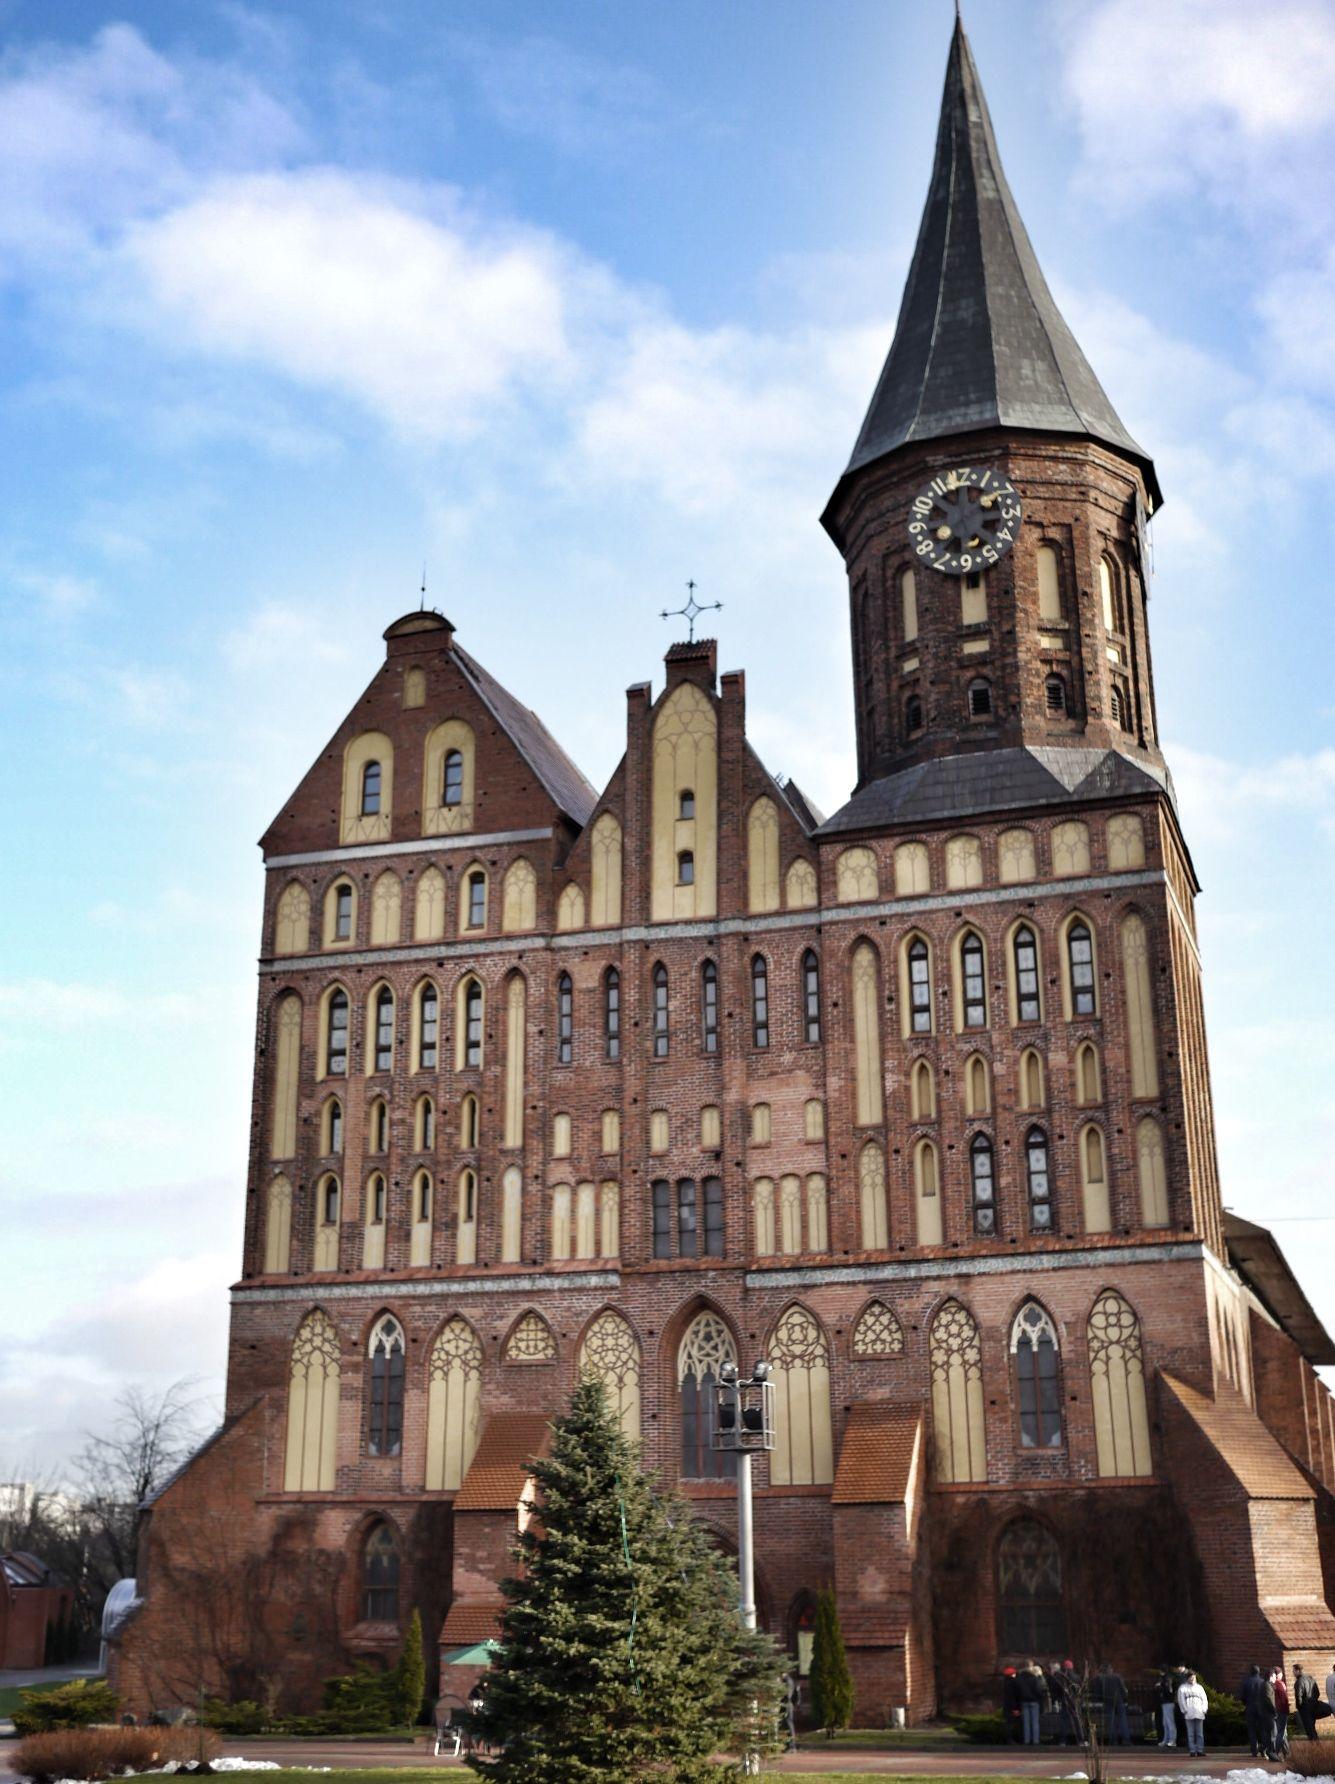 Kaliningrad, Russia.Кёнигсберг — название, которое носил Калининград в период до 1946 года. В период с 1773 по 1945 годы город являлся центром провинции Восточная Пруссия. В этом костеле находится могила Иммануила Канта.